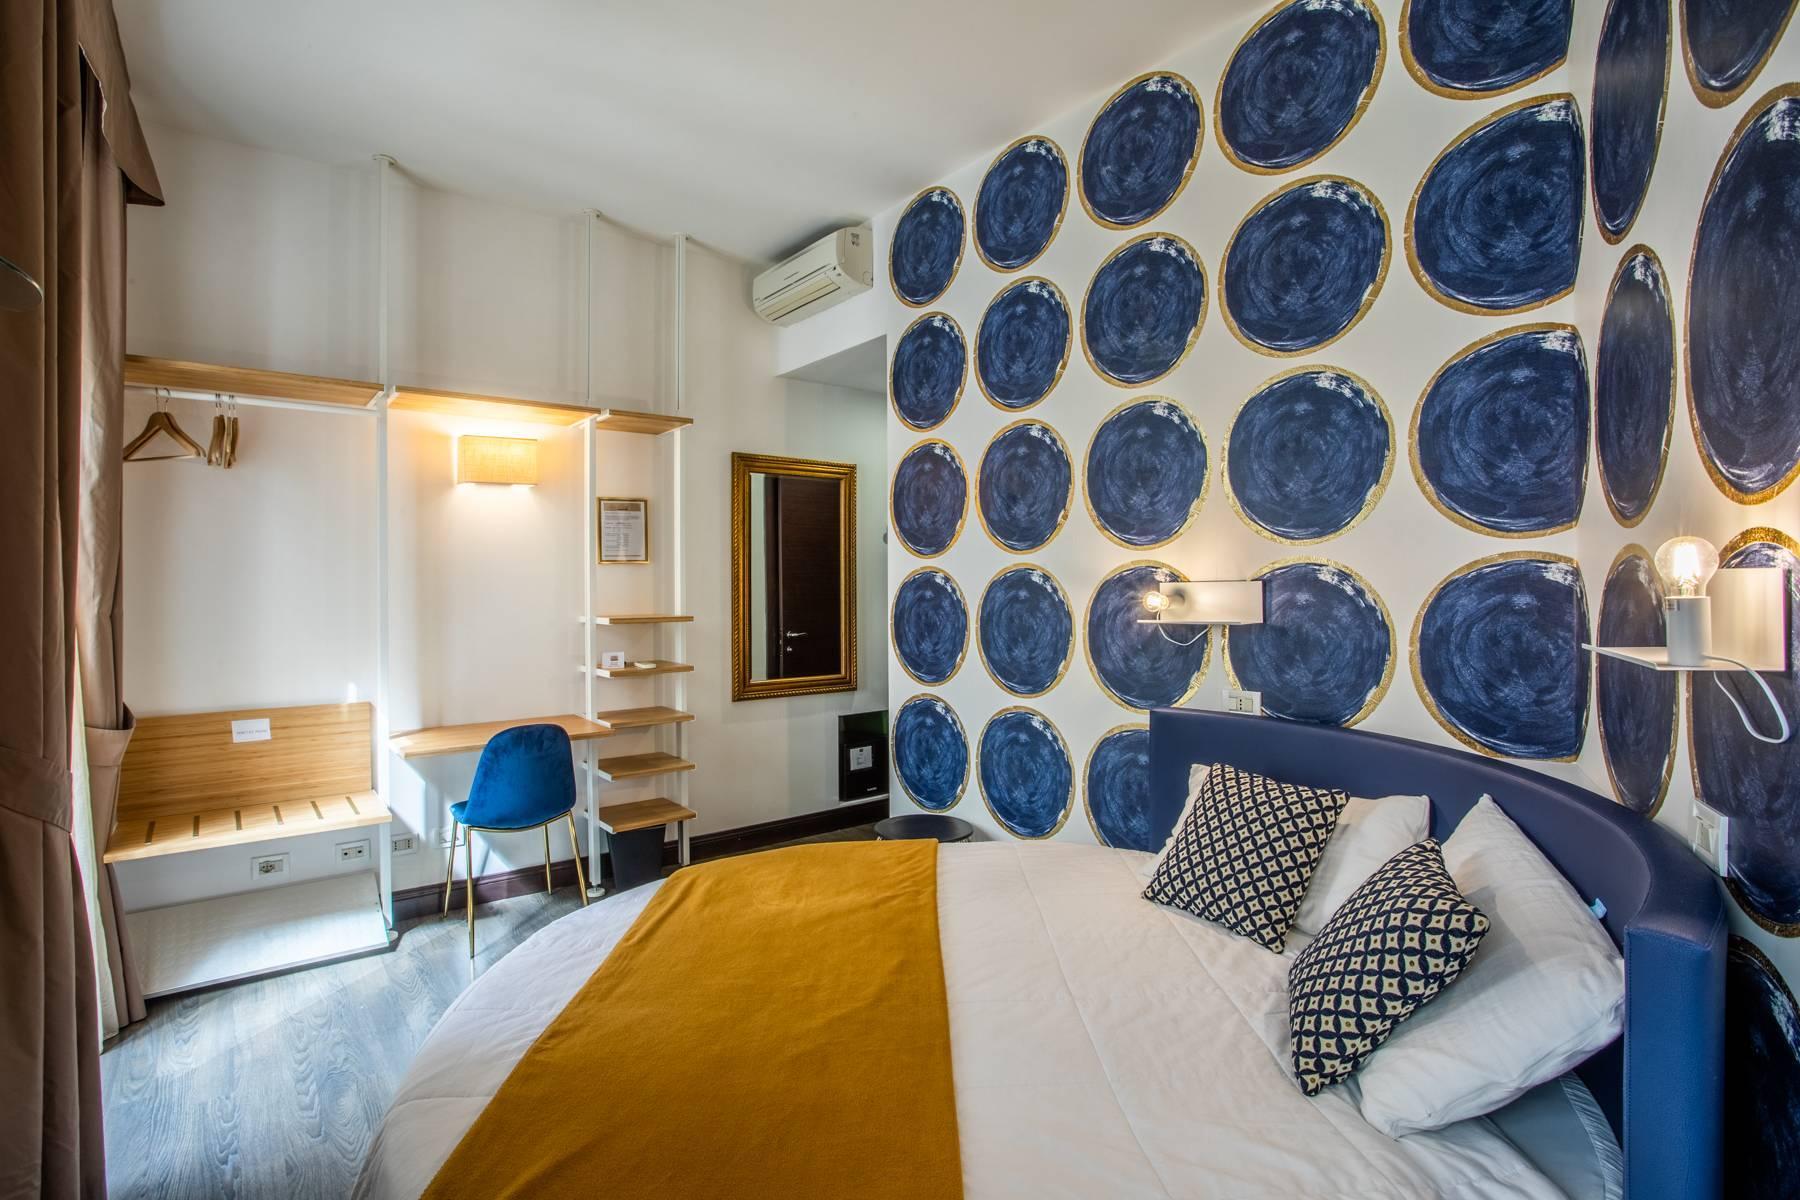 Appartamento dal design moderno a pochi passi da piazza del Popolo - 16